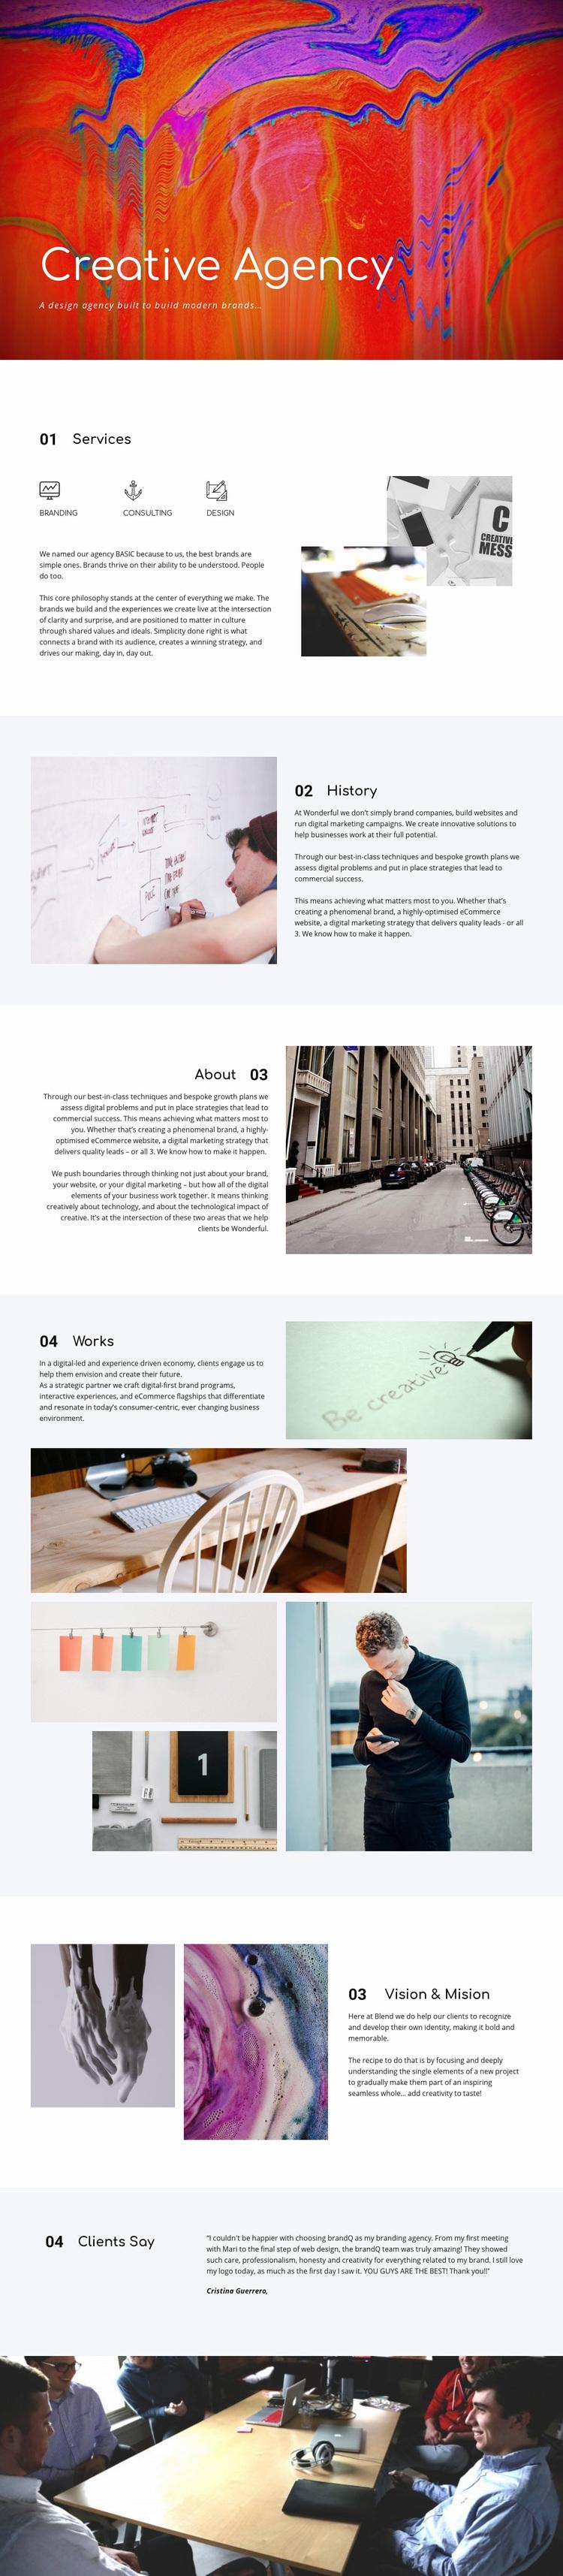 Creative gallery Web Page Designer